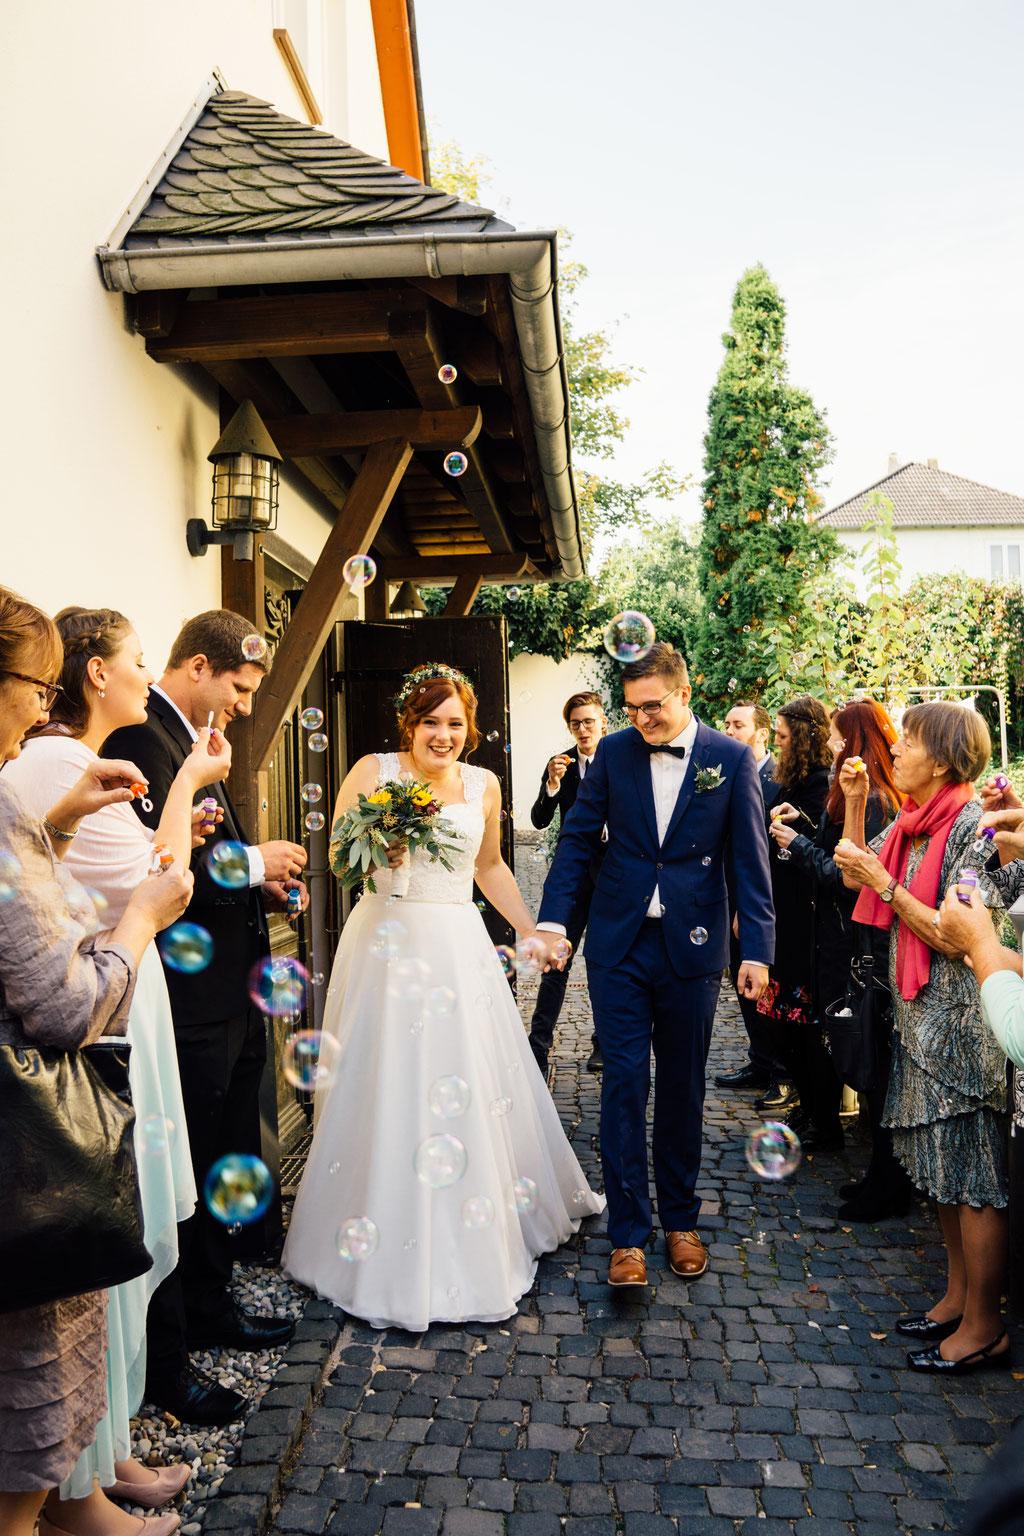 Lentschik, Fotografin, Rheingau, Wiesbaden, Standesamt, Geisenheim, Scheune, Seifenblasen, Freunde, Freunde, Familie, Hochzeitsgäste